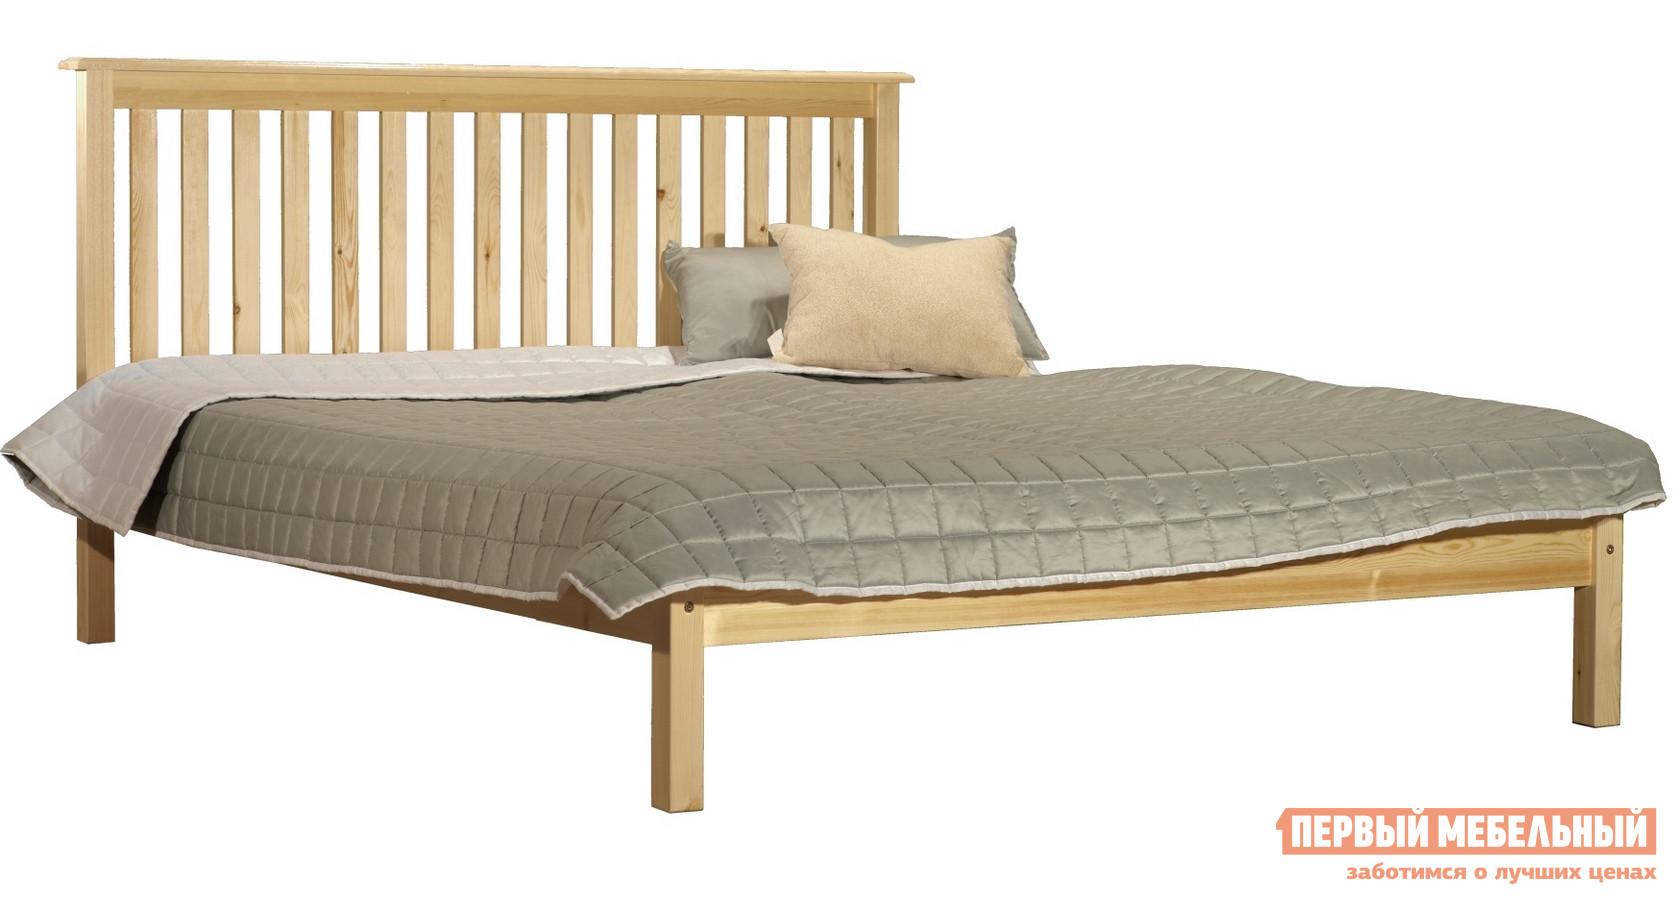 купить Кровать полуторная деревянная Timberica Рина-1 по цене 10440 рублей